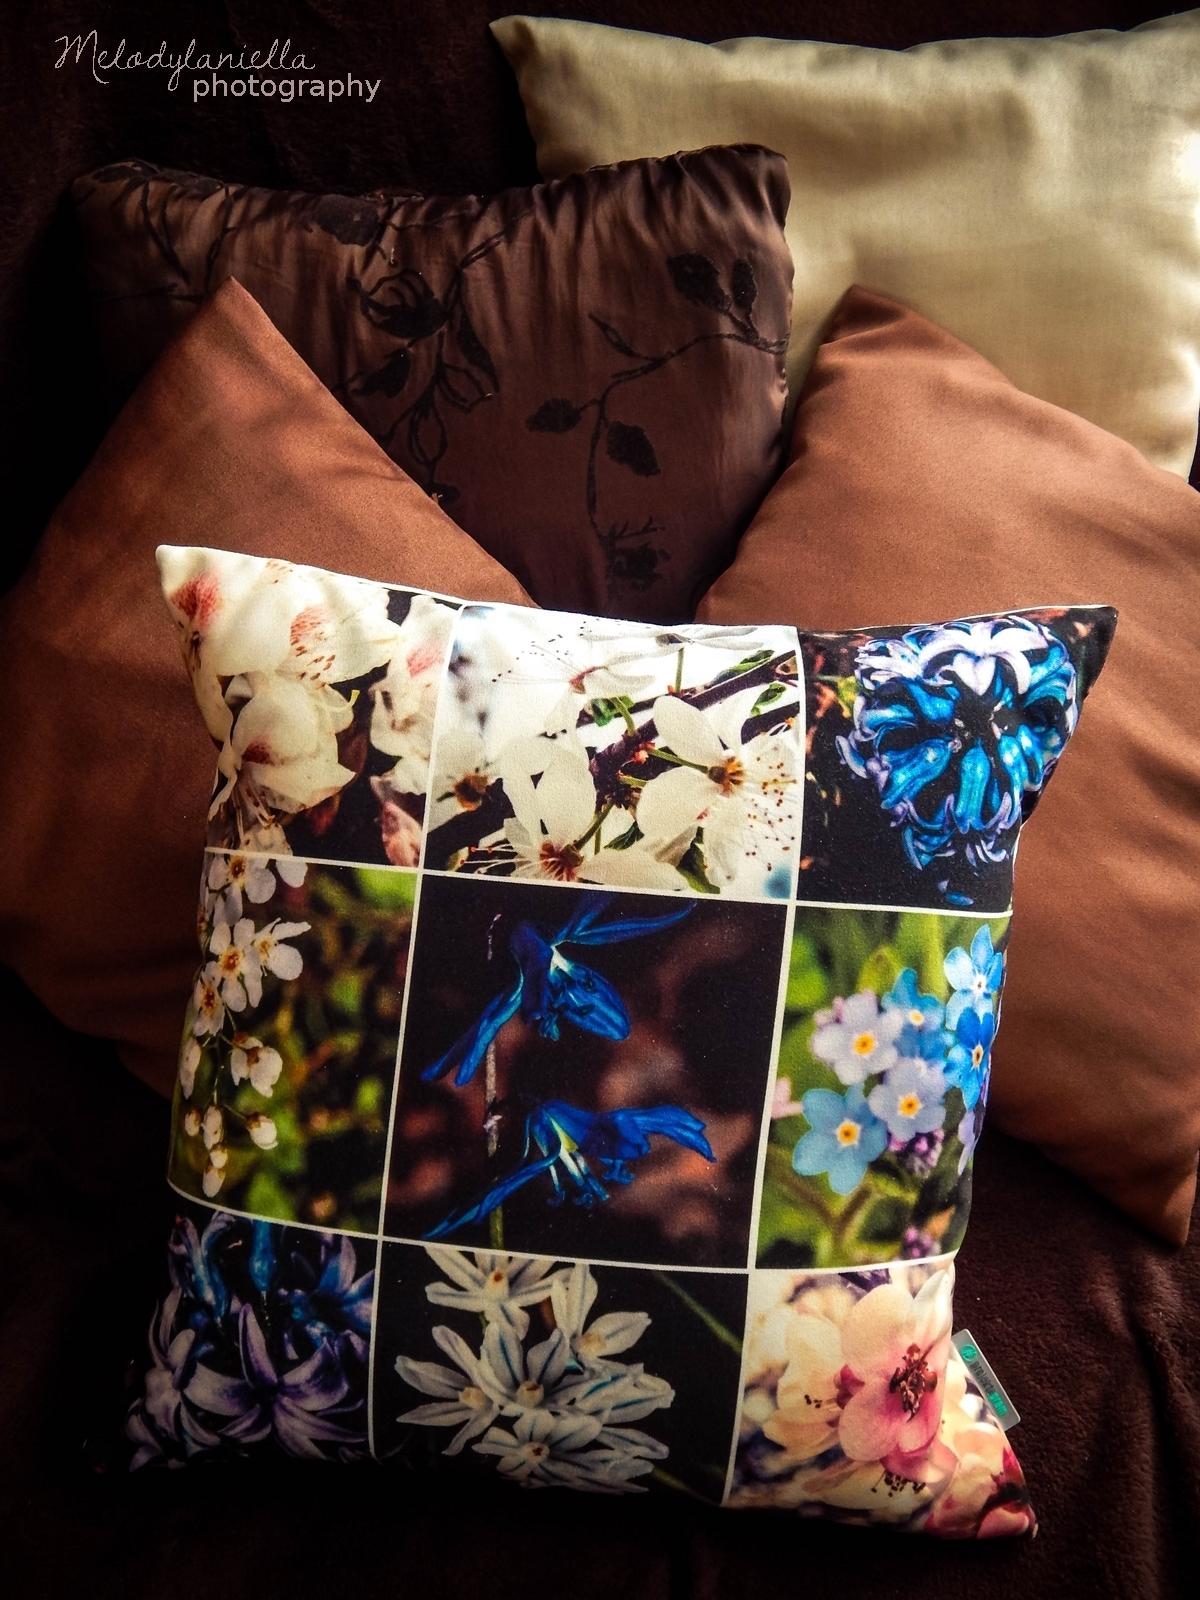 projektogram poduszka z własnym zdjęciem zaprojektuj swoją poduszkę zdjęcia instagram fotografia prezenty dla fotografów zakochani w zdjeciach wspomnienia z wakacji na poduszcze pillow photos aplikacja poszewka